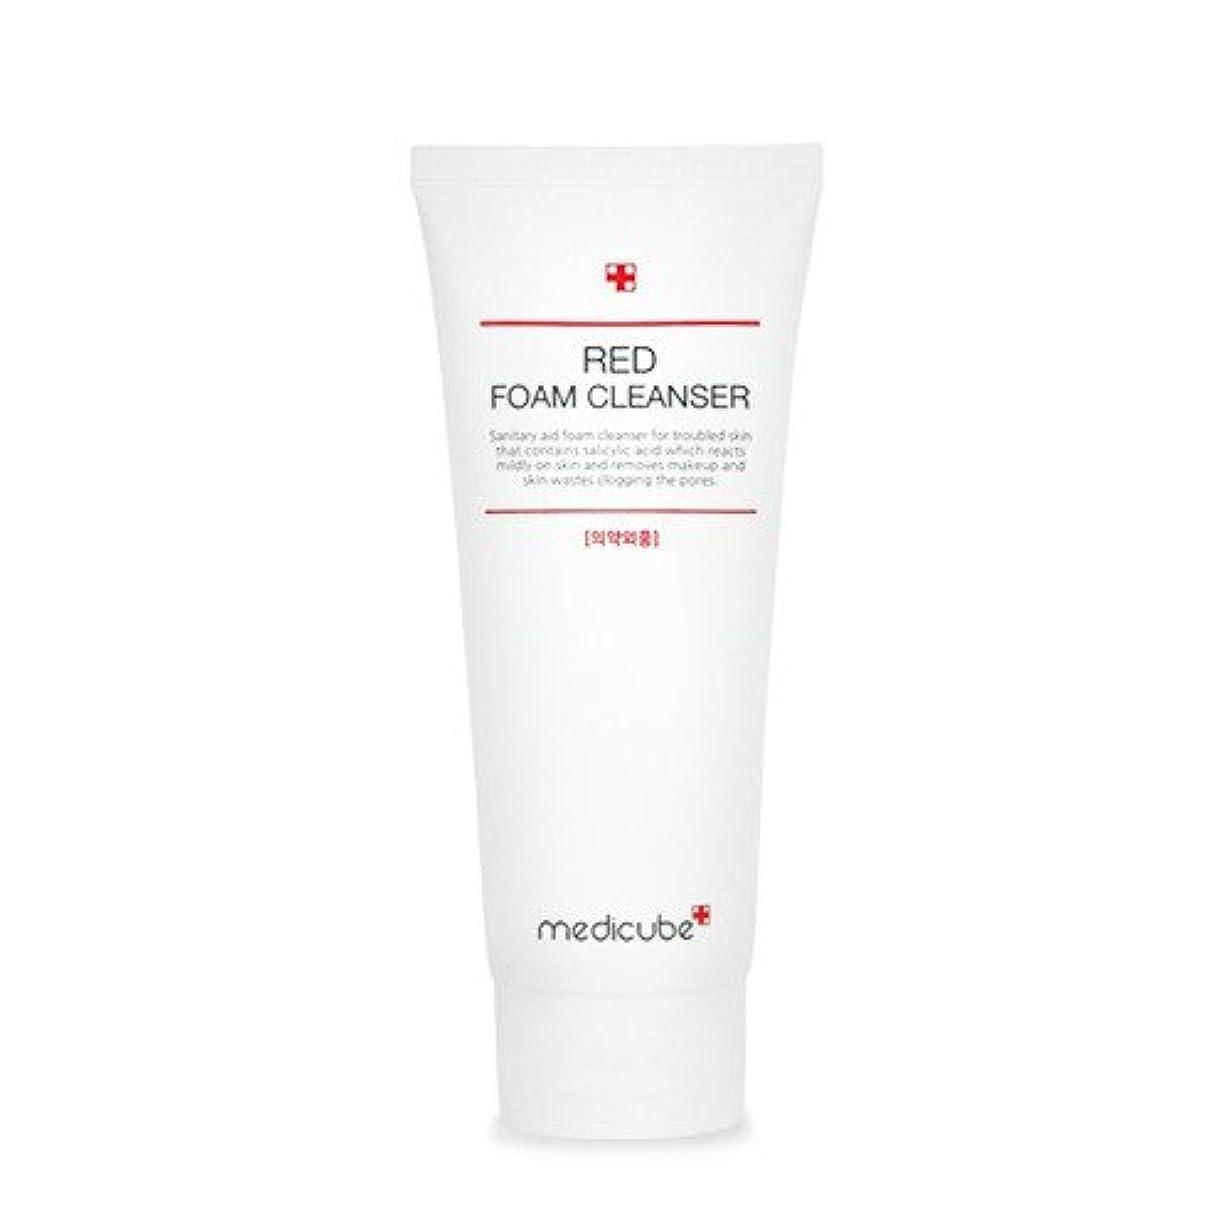 ガス物理的なエピソード[Medicube]Red Foam Cleanser 120ml / メディキューブレッドクレンジングフォーム / 正品?海外直送商品 [並行輸入品]